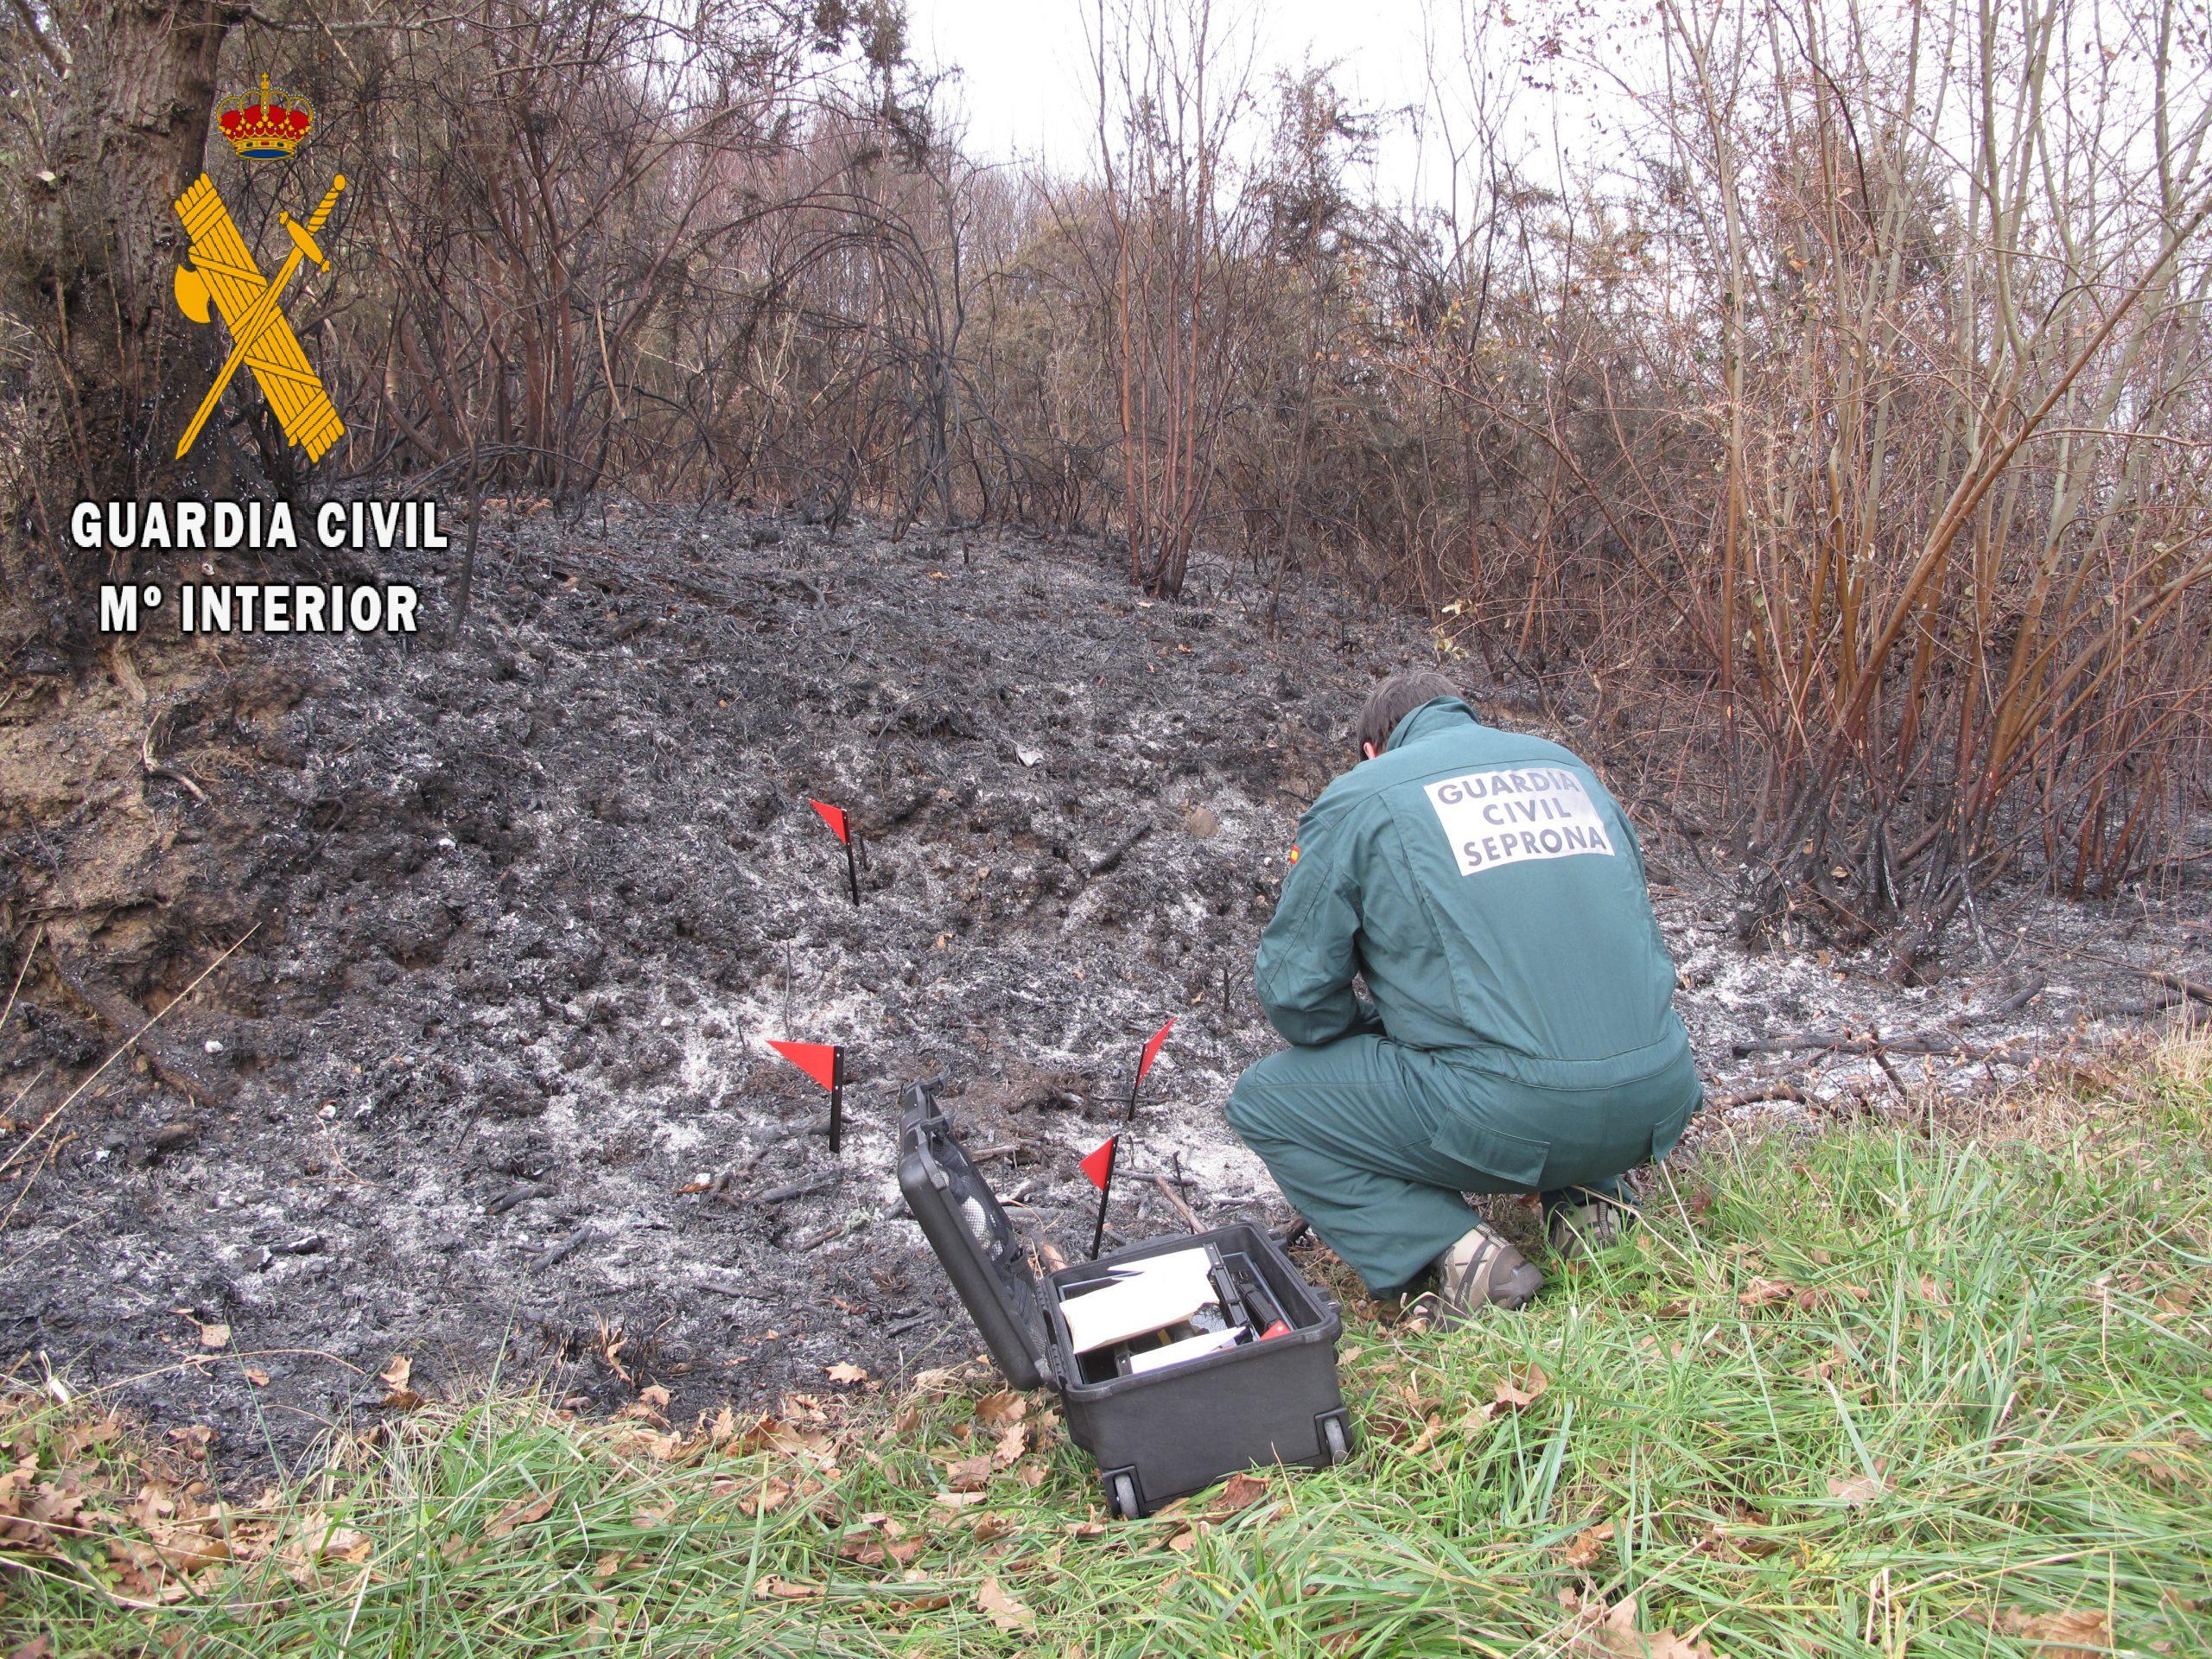 La Guardia Civil detiene a un hombre e investiga a otro por la autoría de incendios forestales en Villayón